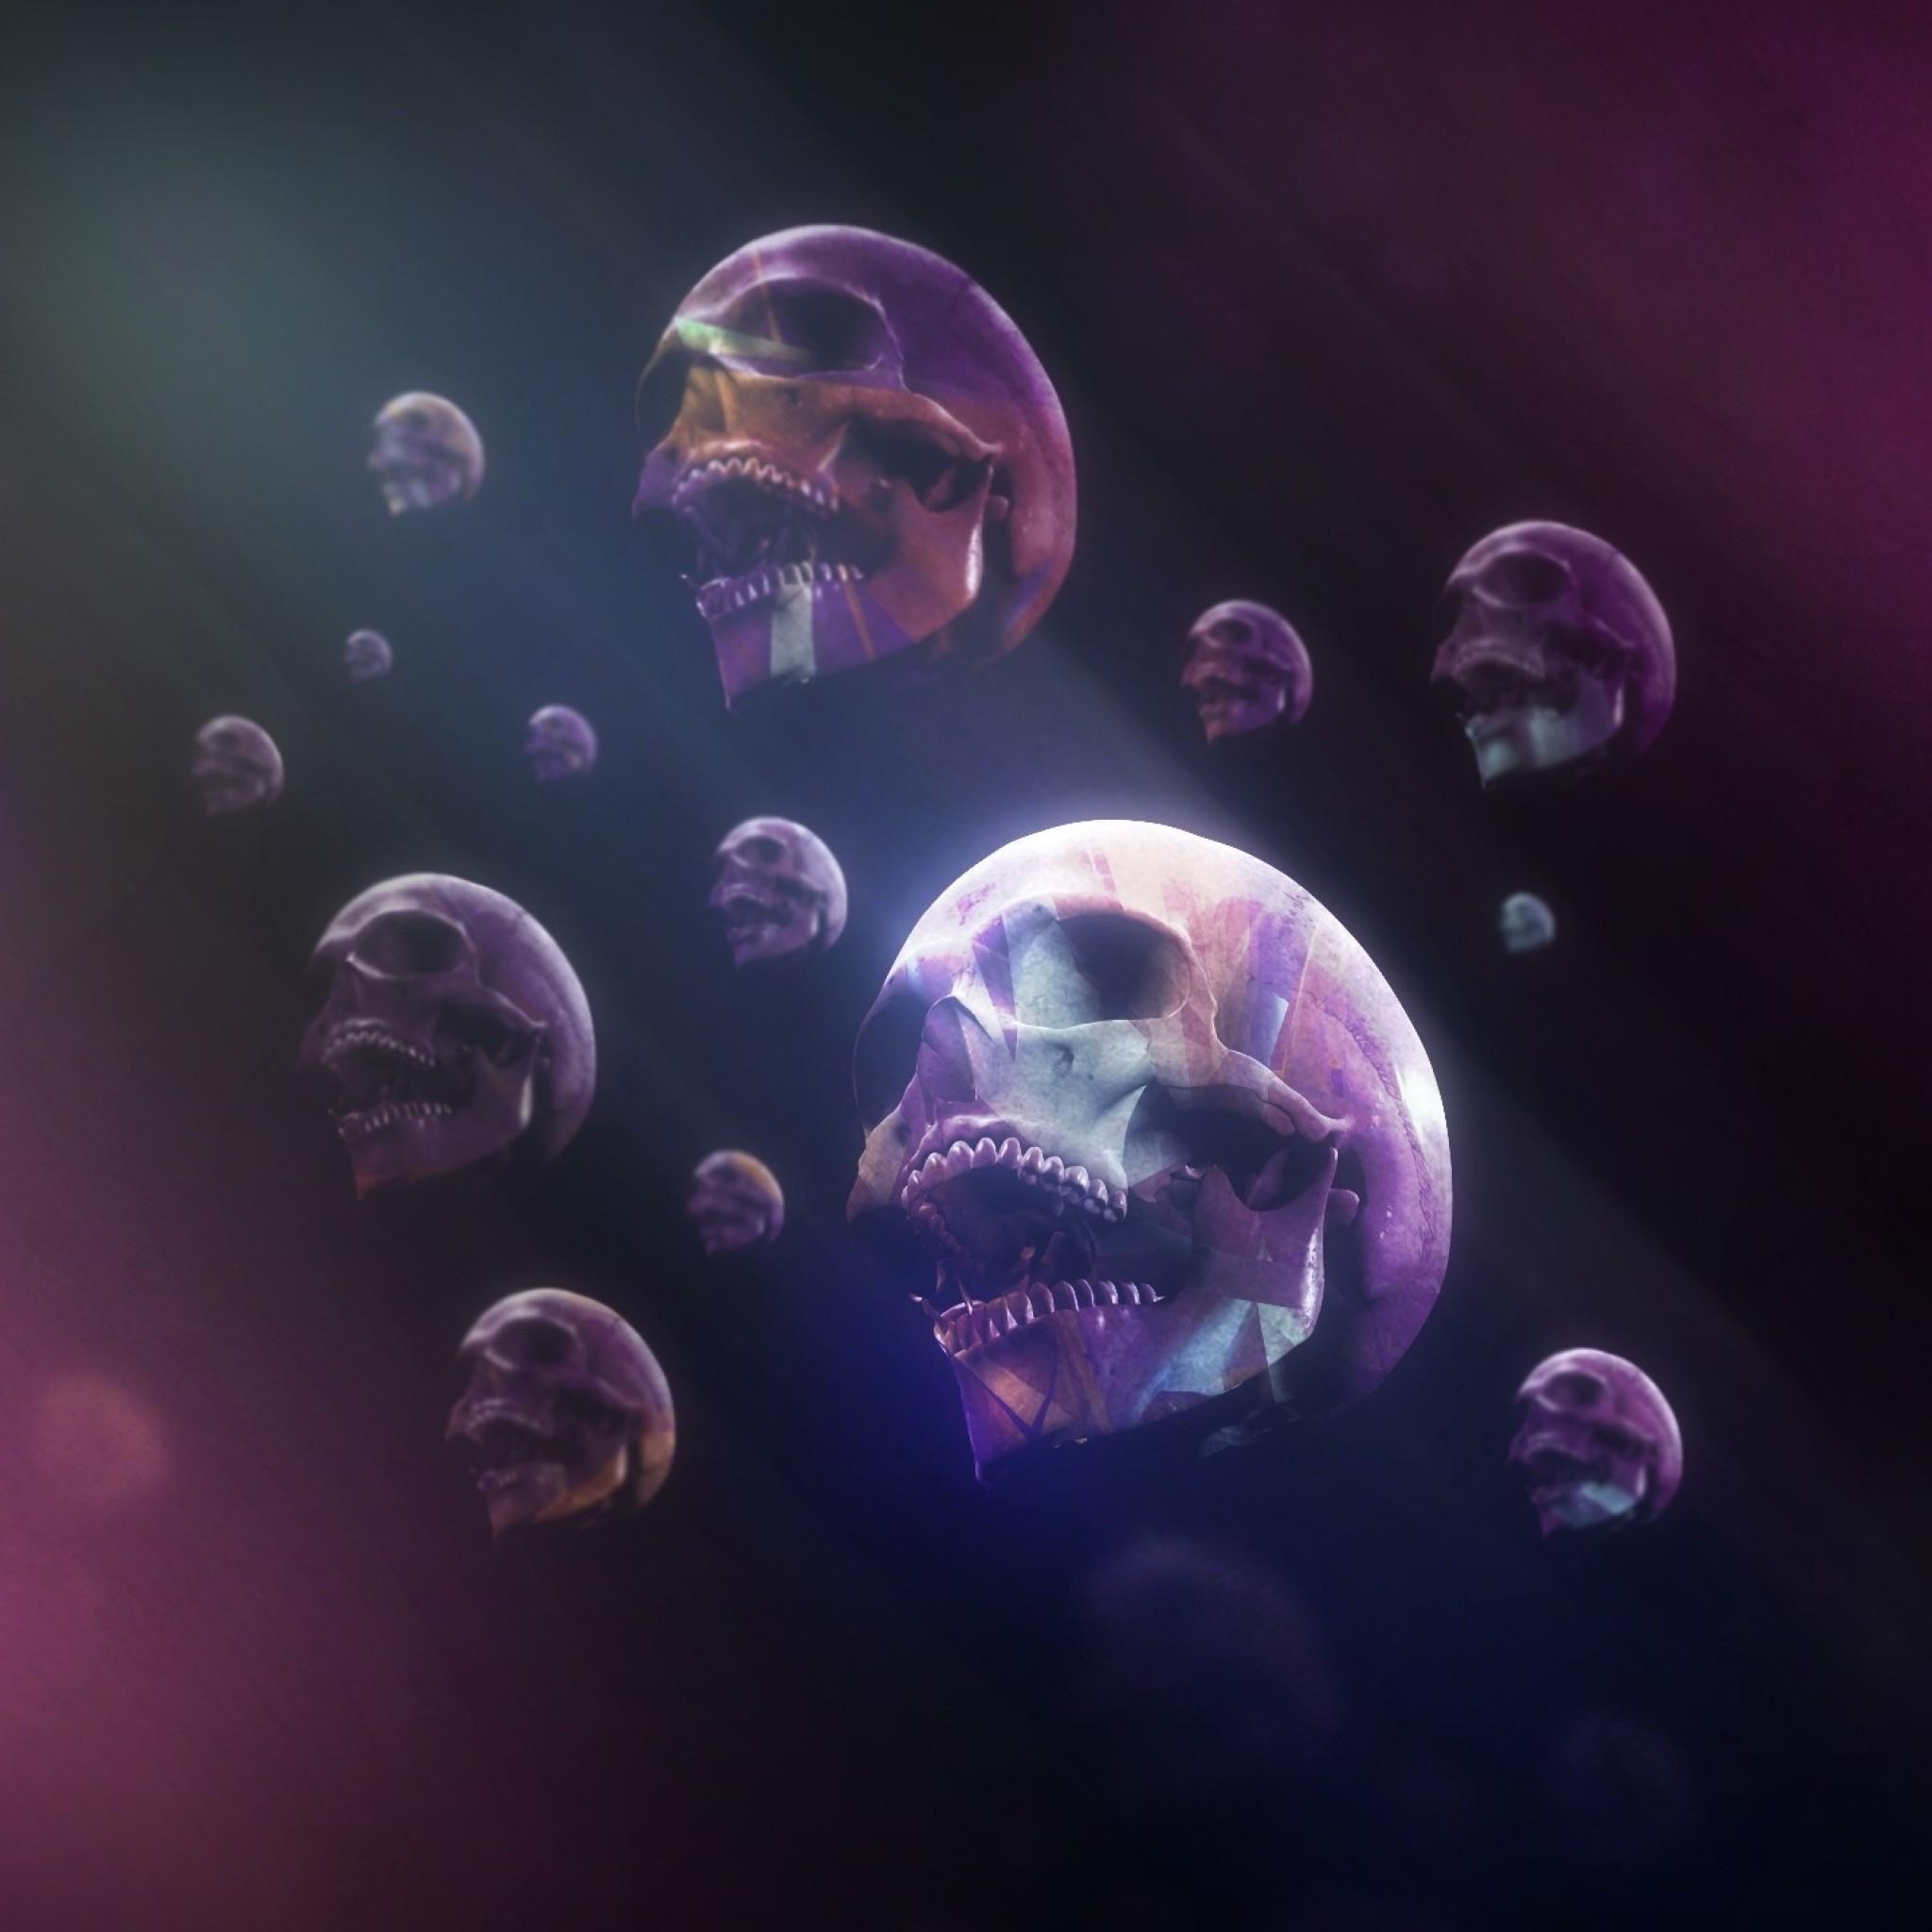 Purple Skull Wallpaper